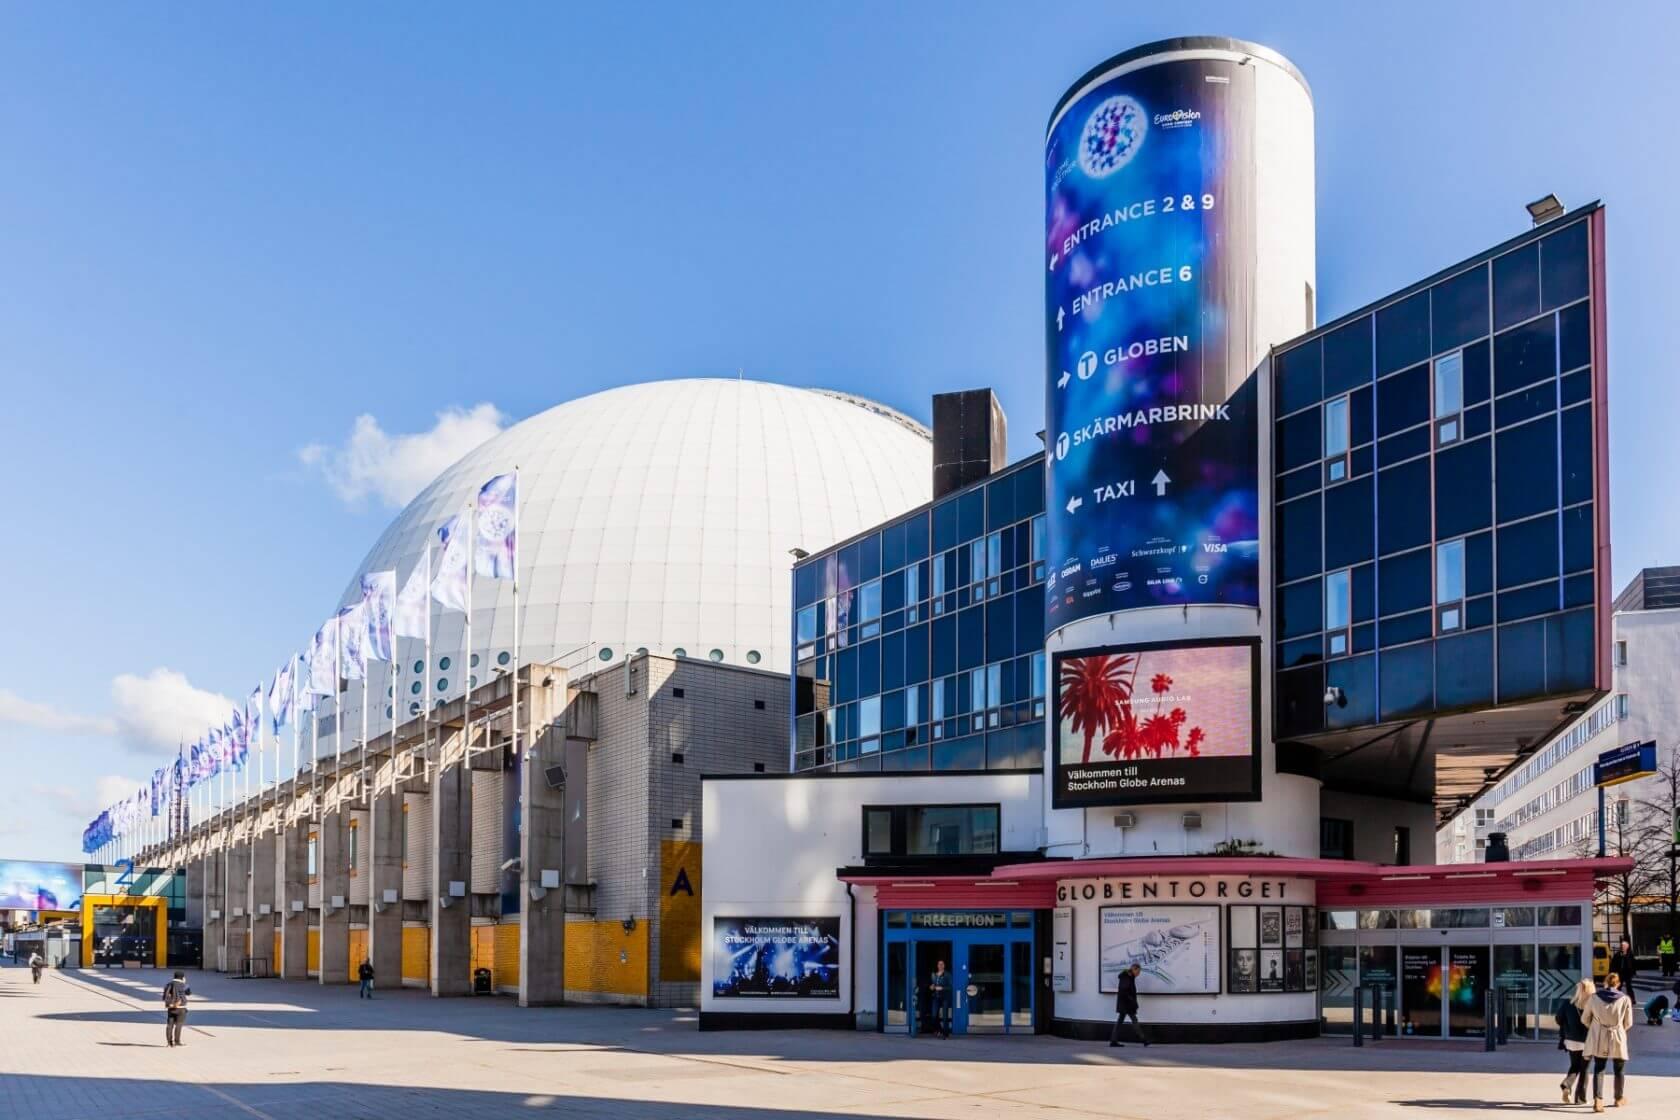 15617183-the-stockholm-globe-arena